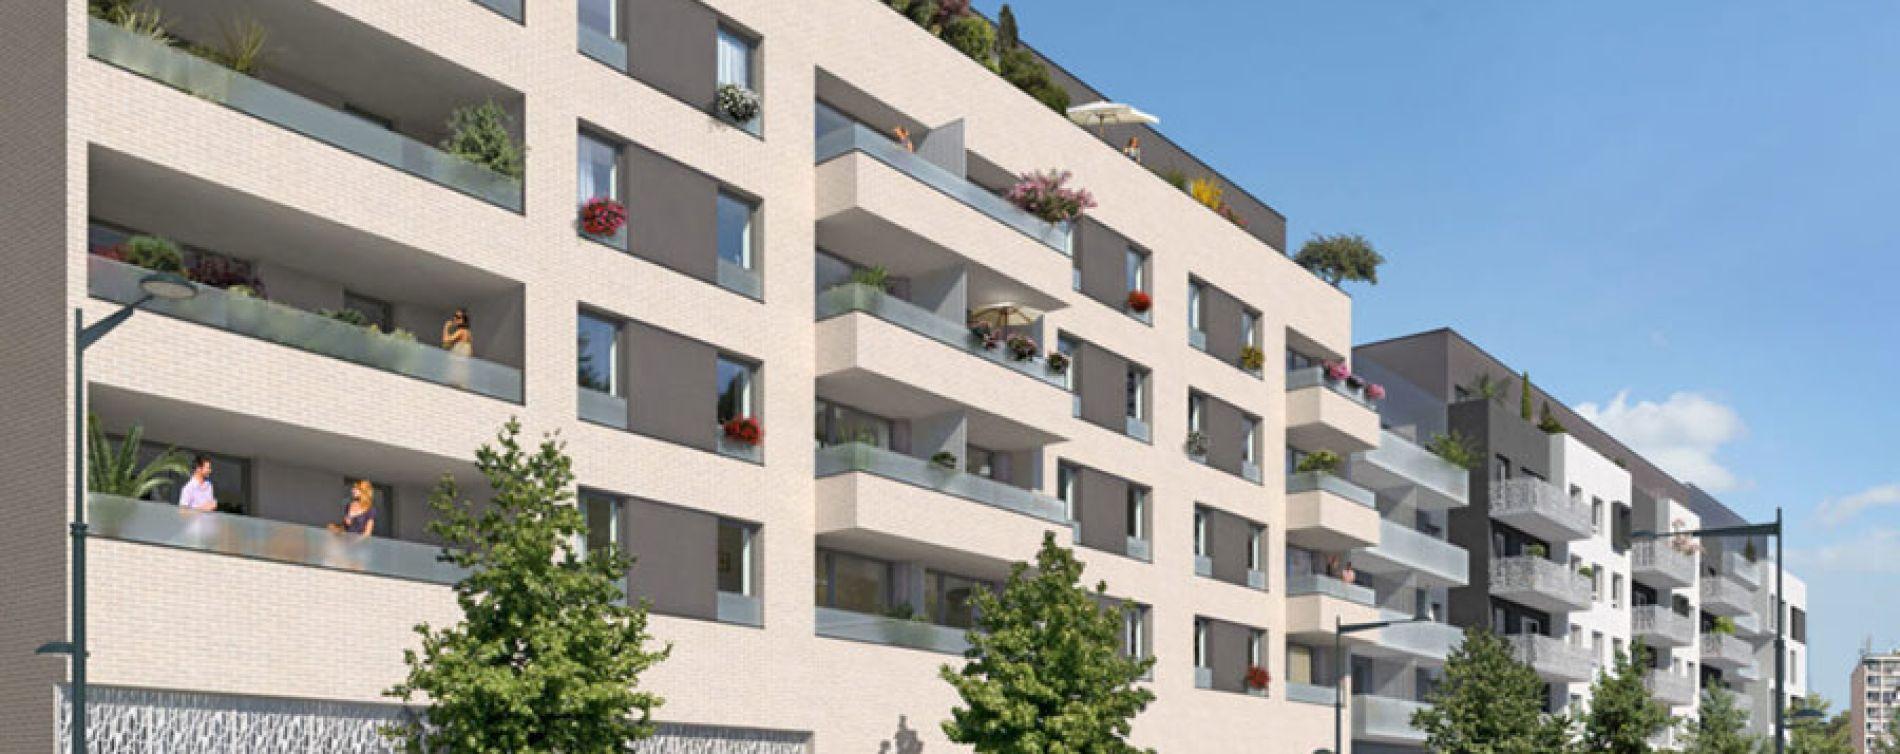 Résidence Les Balcons d'Opaline à Pierrefitte-sur-Seine